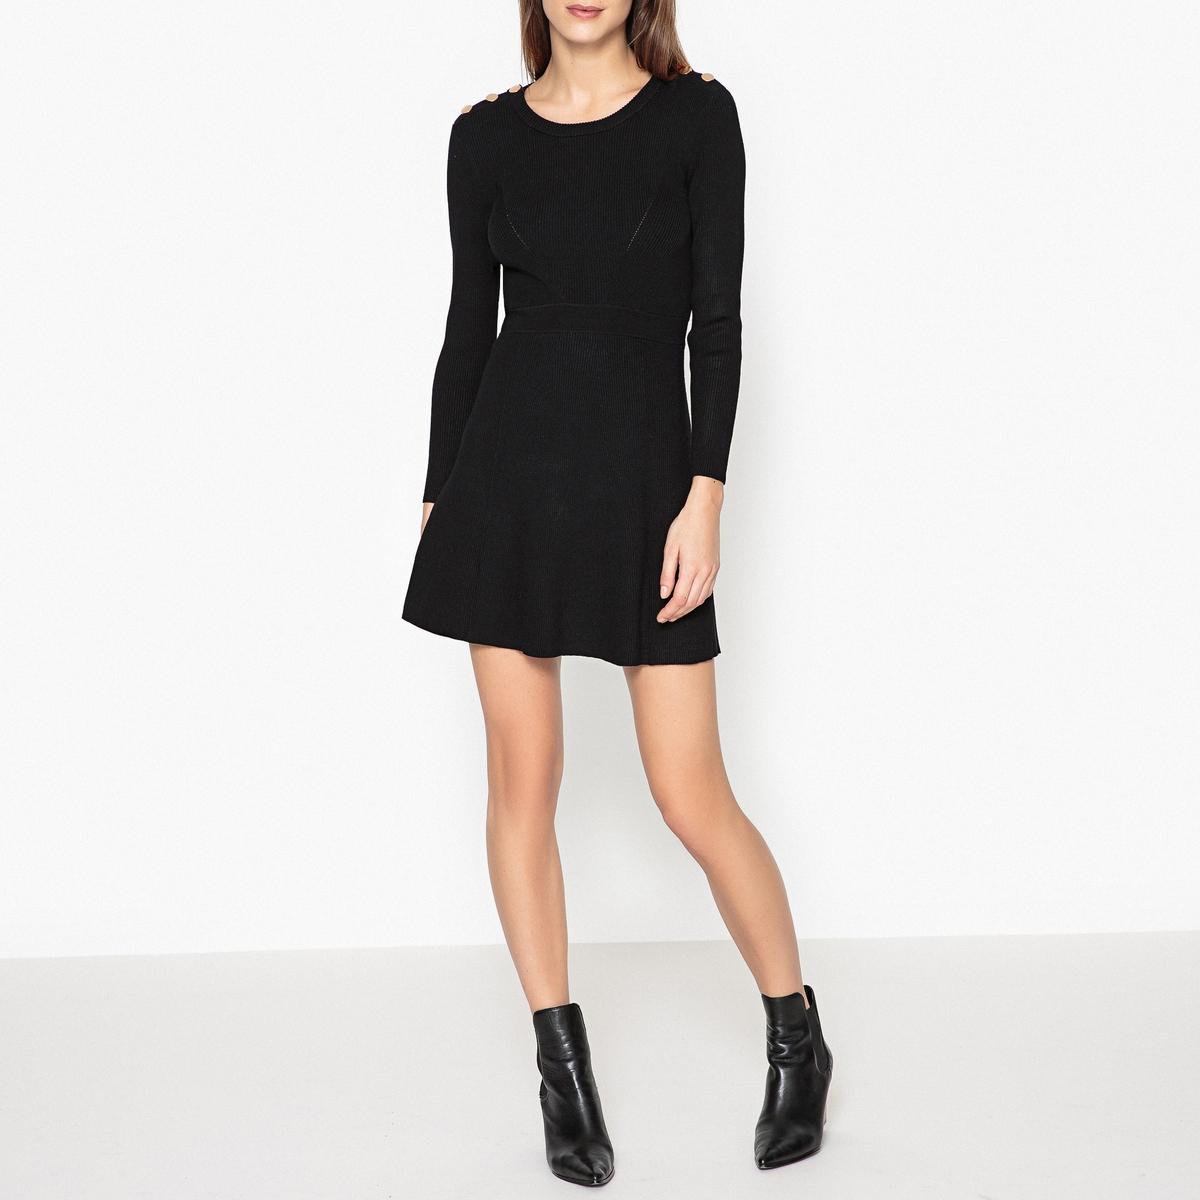 Платье,расширяющееся к низу KILIMОписание:Платье BA&amp;SH - модель KILIM с позолоченными пуговицами на плечах и подсобранным поясом, подчеркивающим расклешенный покрой и женственность .Детали  •  Форма : расклешенная •  Укороченная модель •  Длинные рукава     •  Круглый вырезСостав и уход  •  53% вискозы, 26% полиамида, 21% полиэстера •  Следуйте советам по уходу, указанным на этикетке<br><br>Цвет: черный